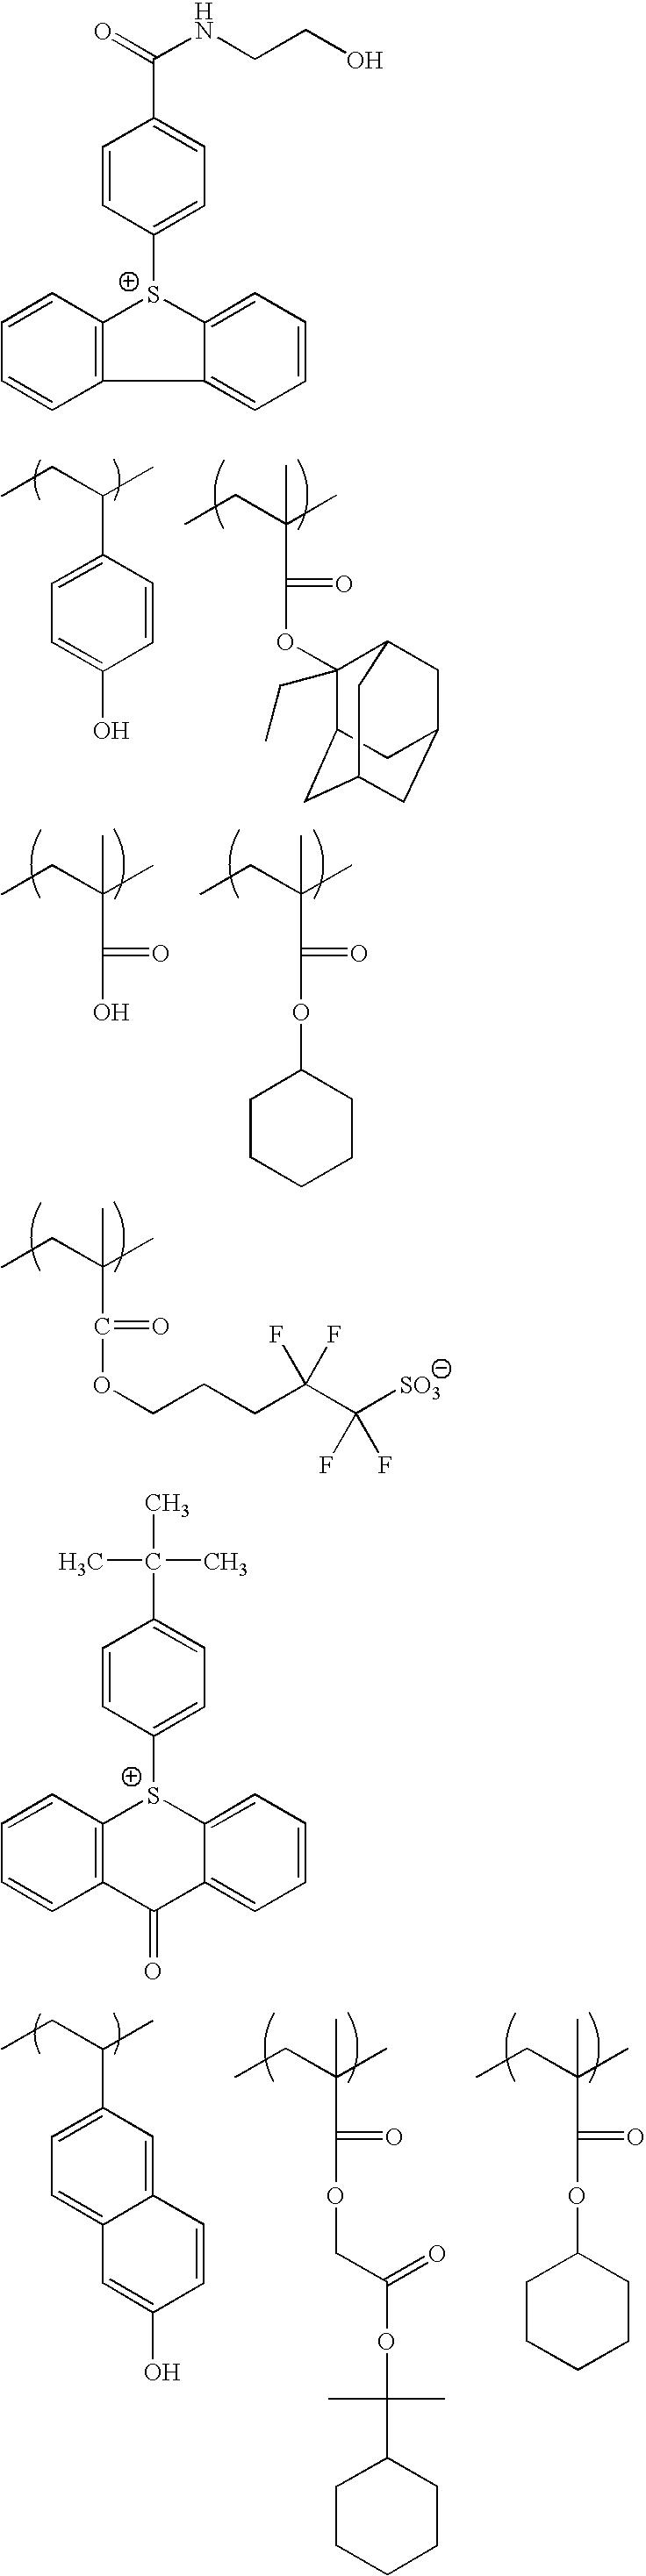 Figure US20100183975A1-20100722-C00201